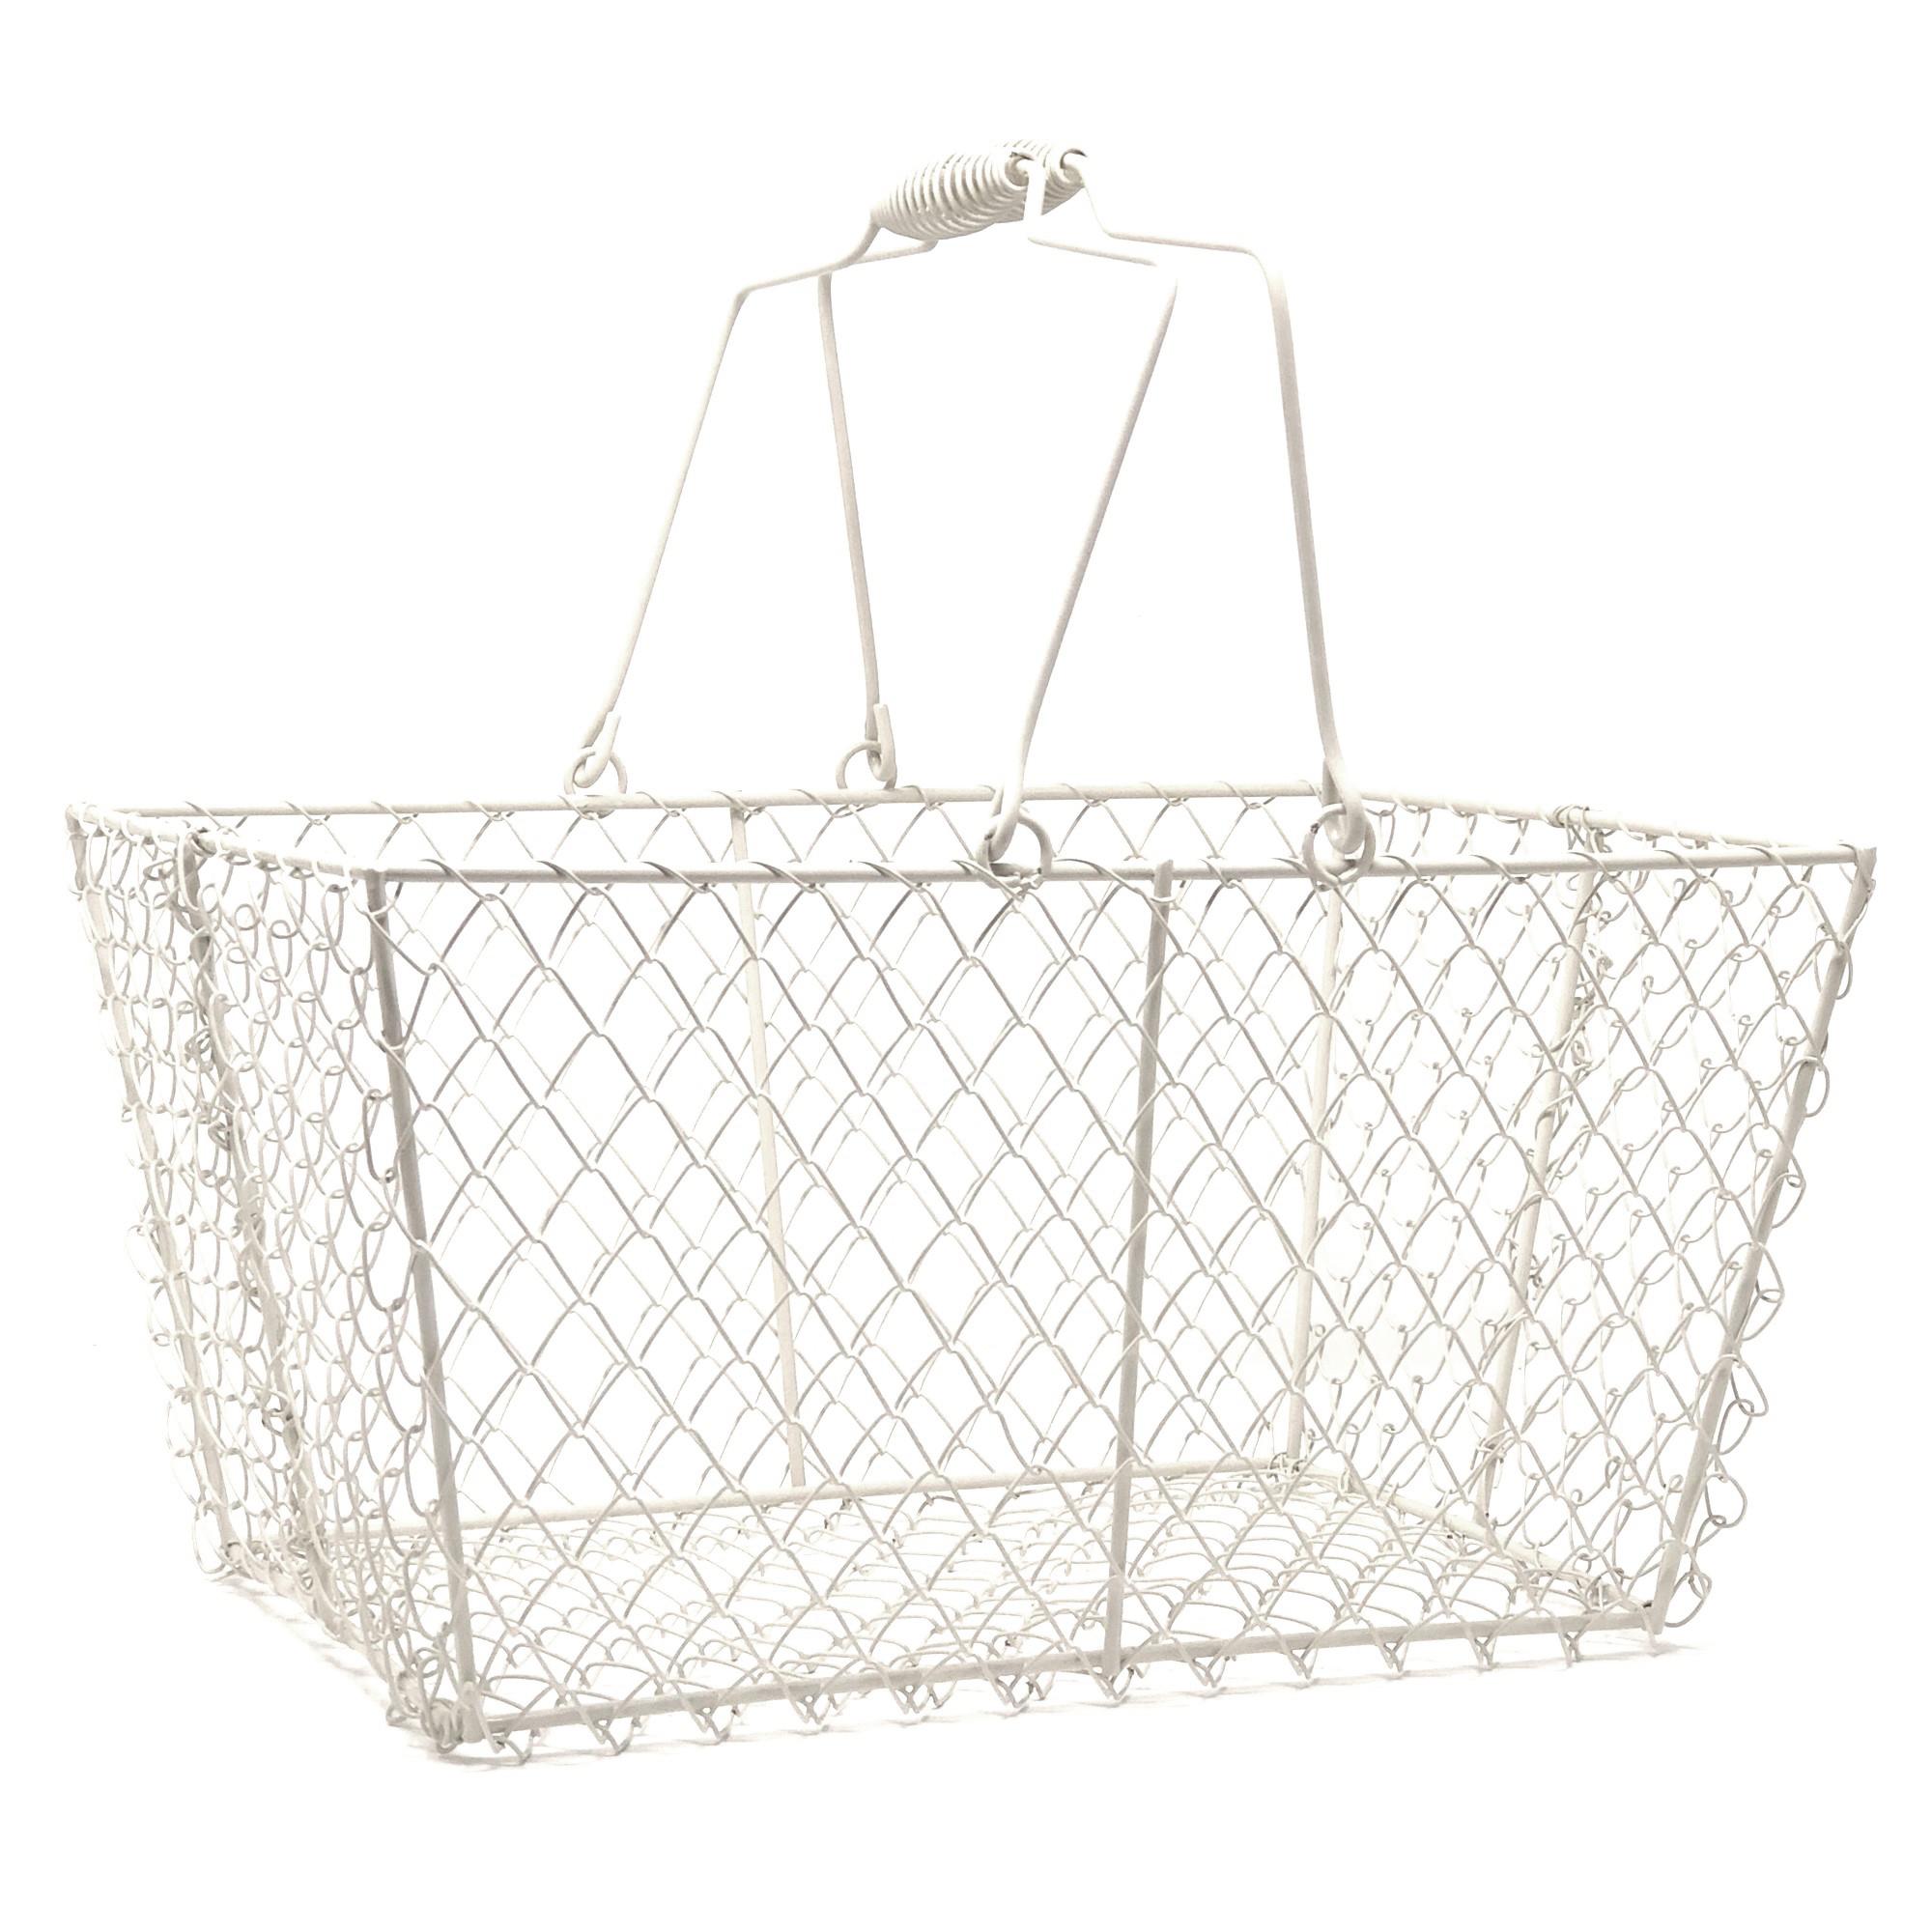 Wire Shopper